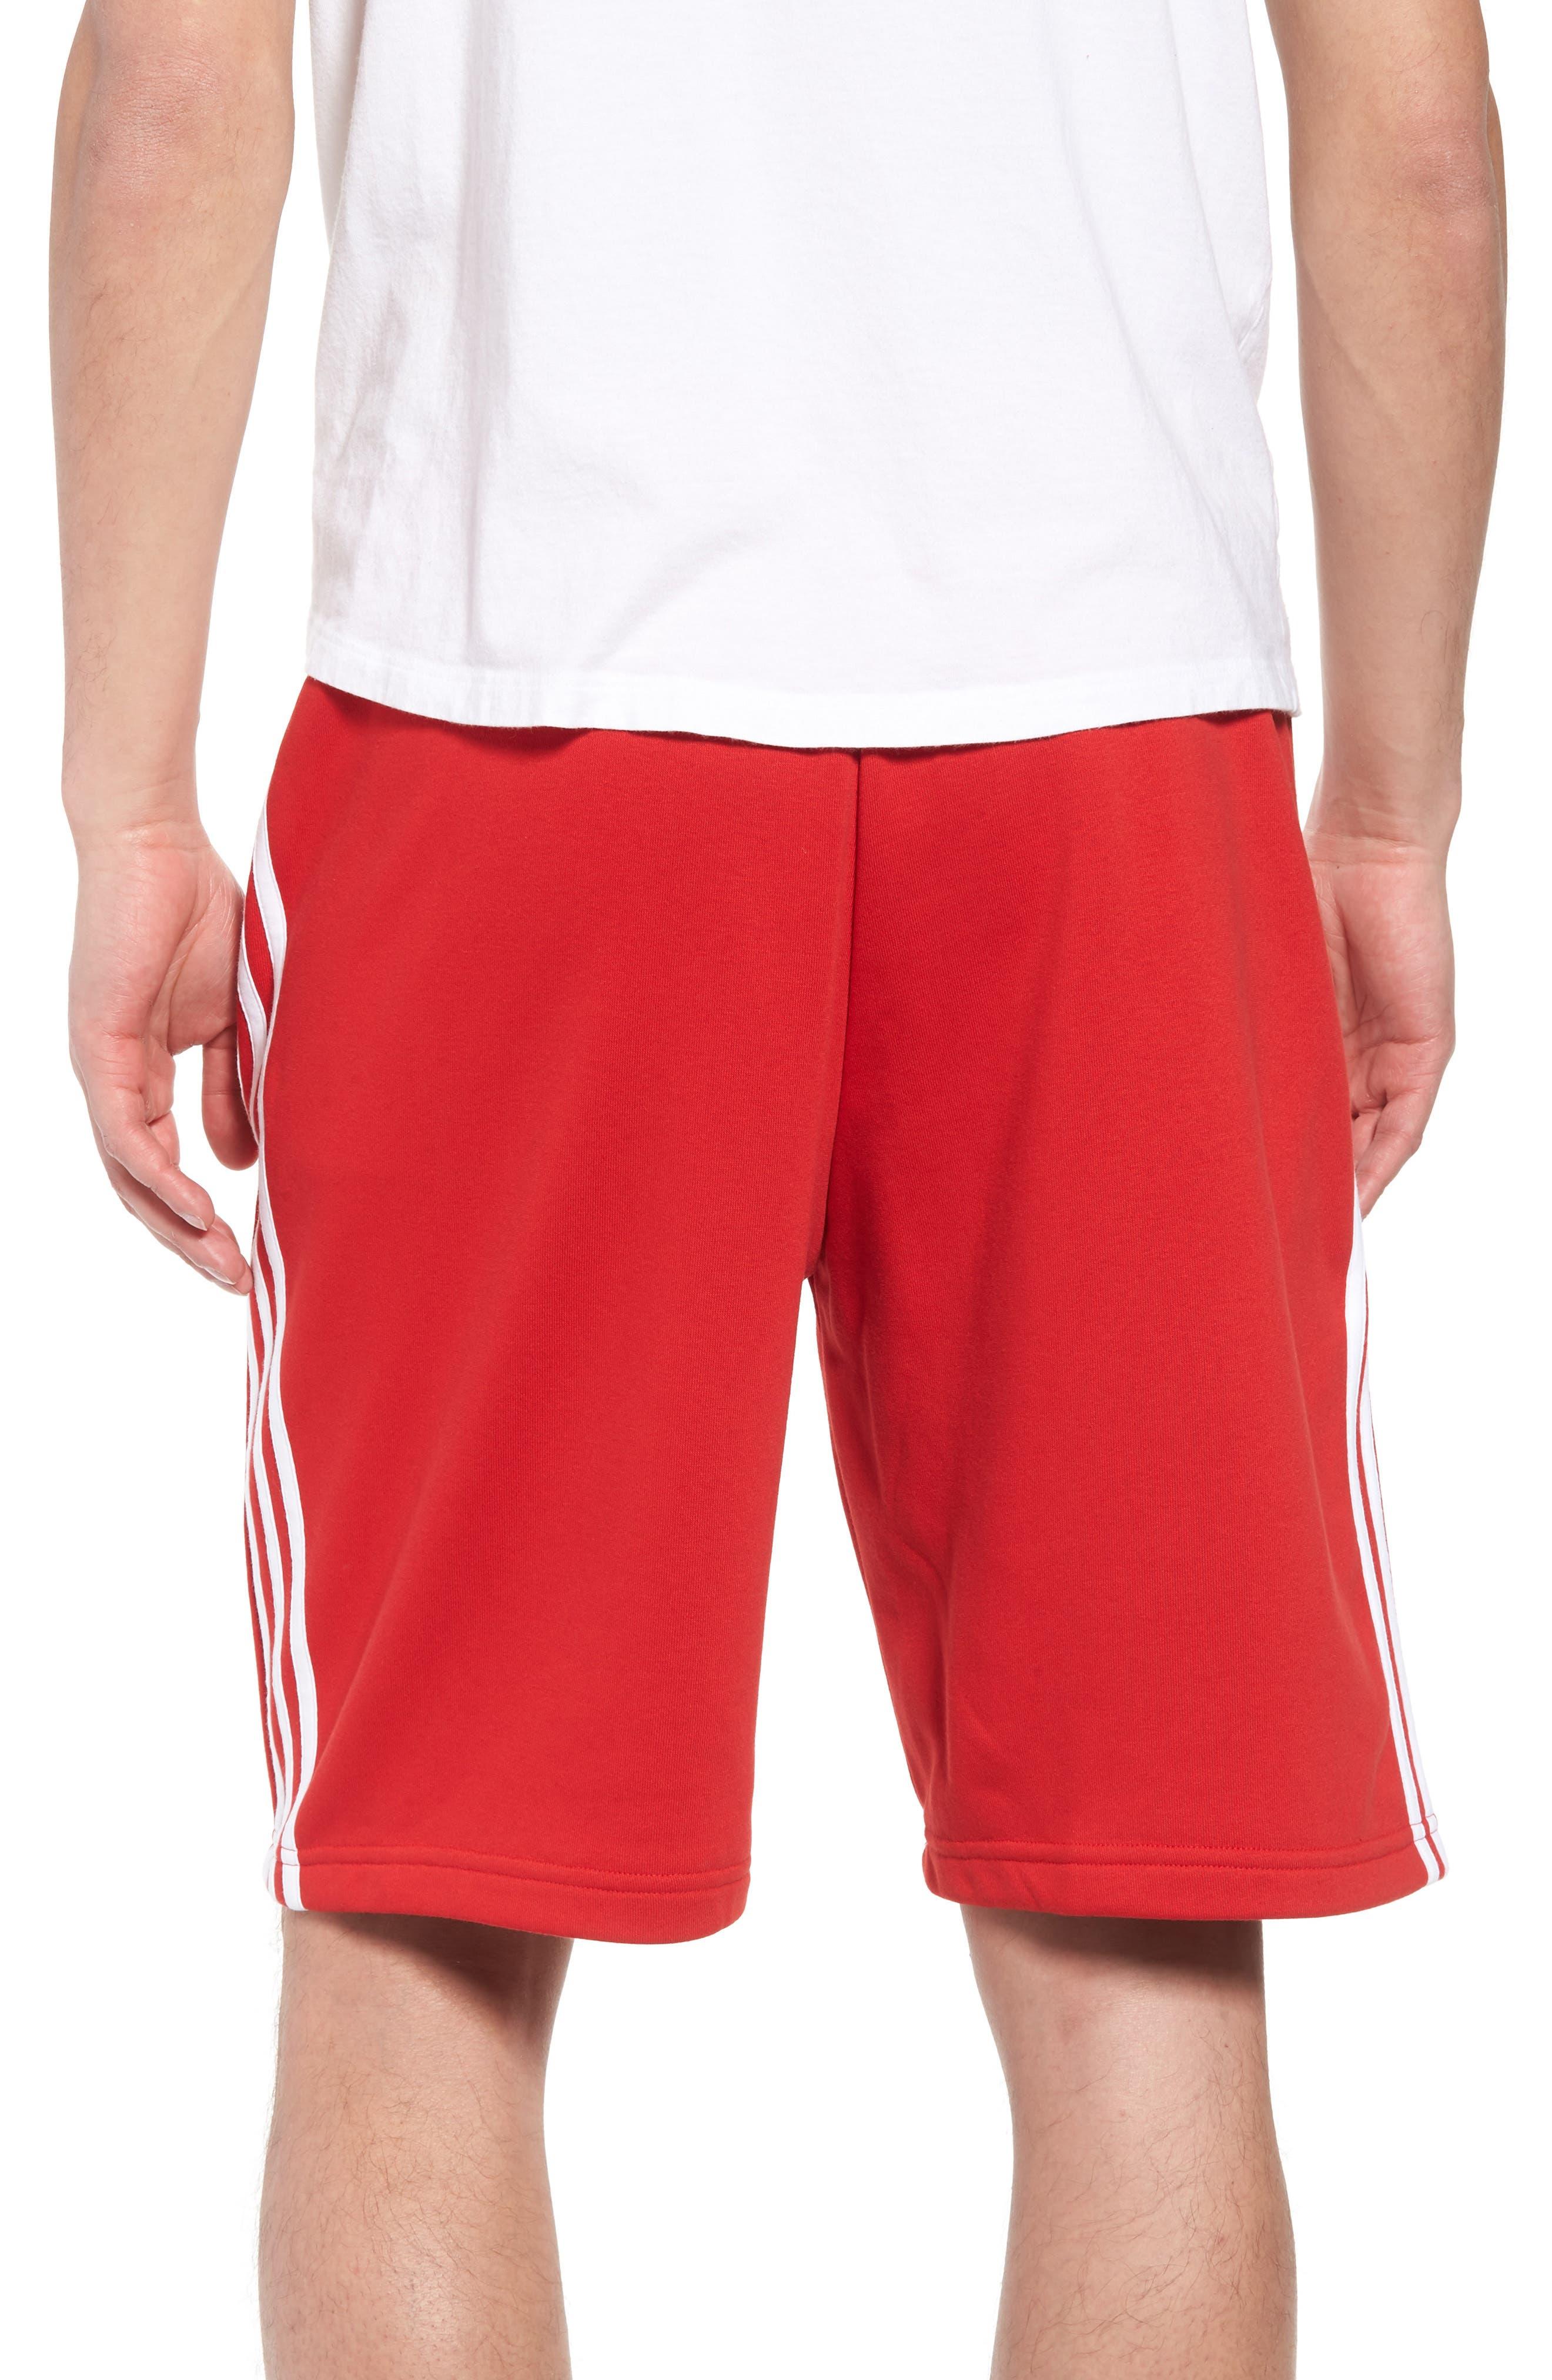 3-Stripes Shorts,                             Alternate thumbnail 2, color,                             610